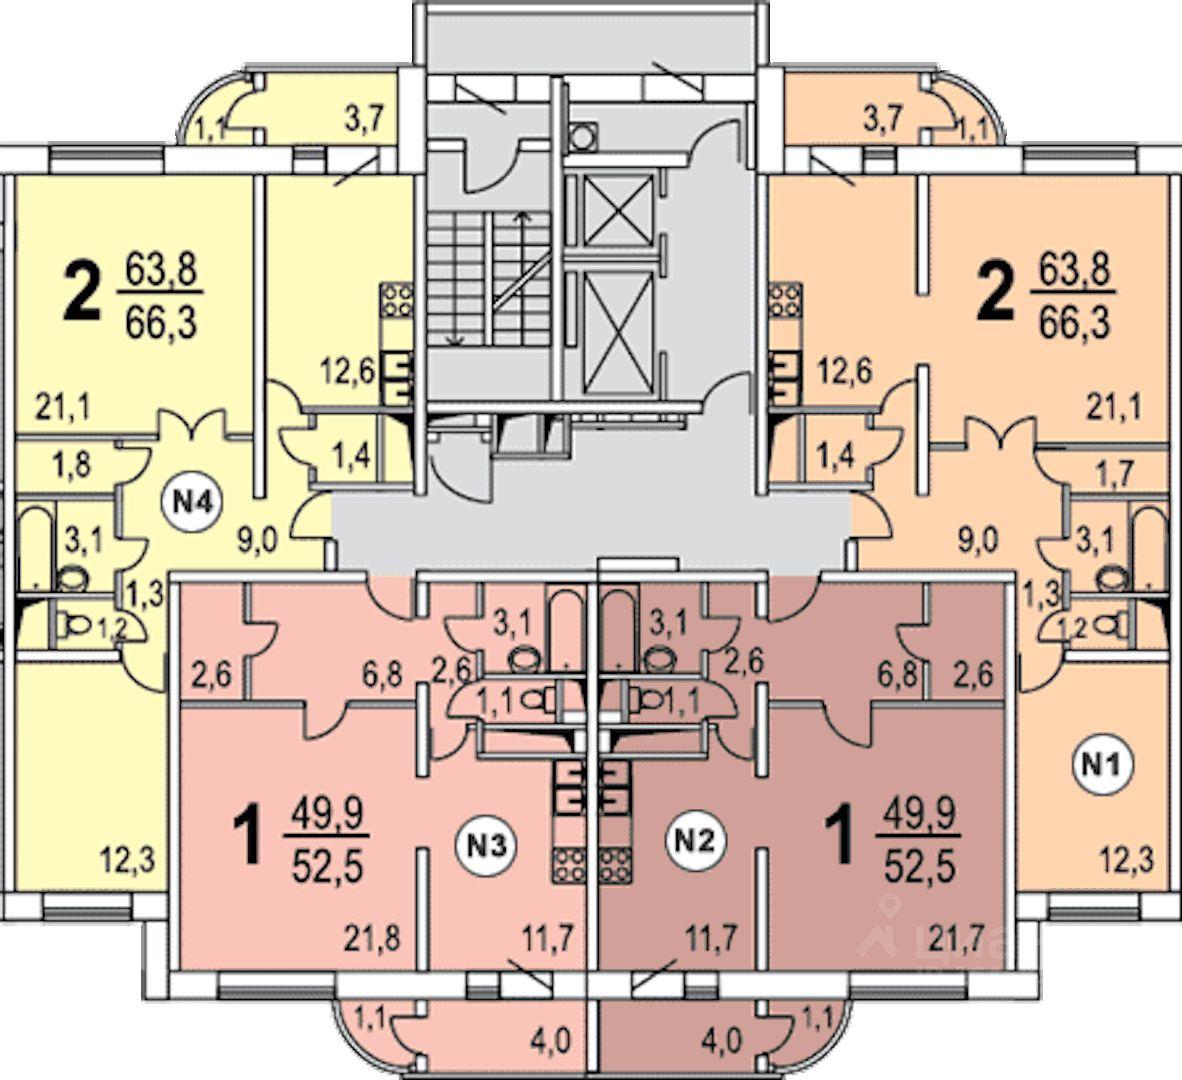 Серия дома п-111м (111-м) russianrealty.